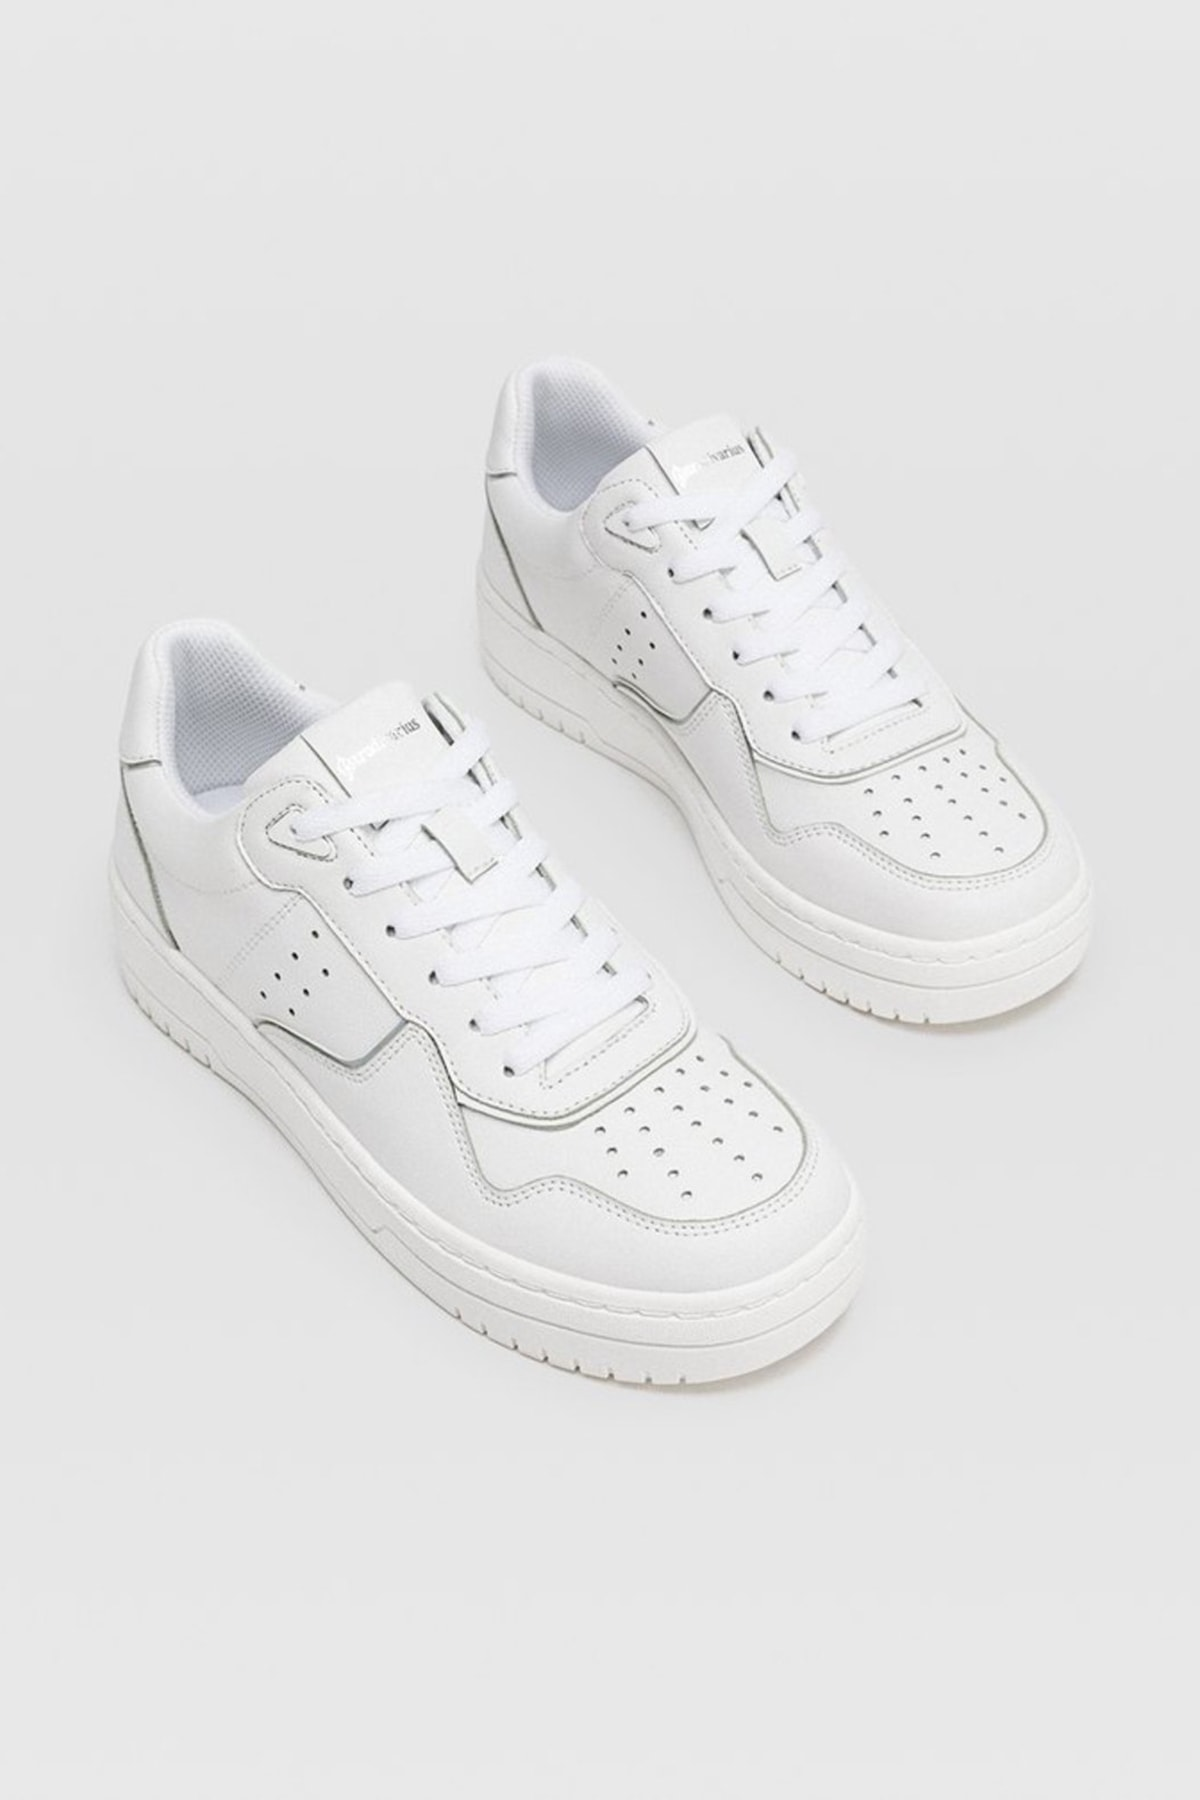 Stradivarius Kadın Beyaz Şeritli Spor Ayakkabı 19002570 2